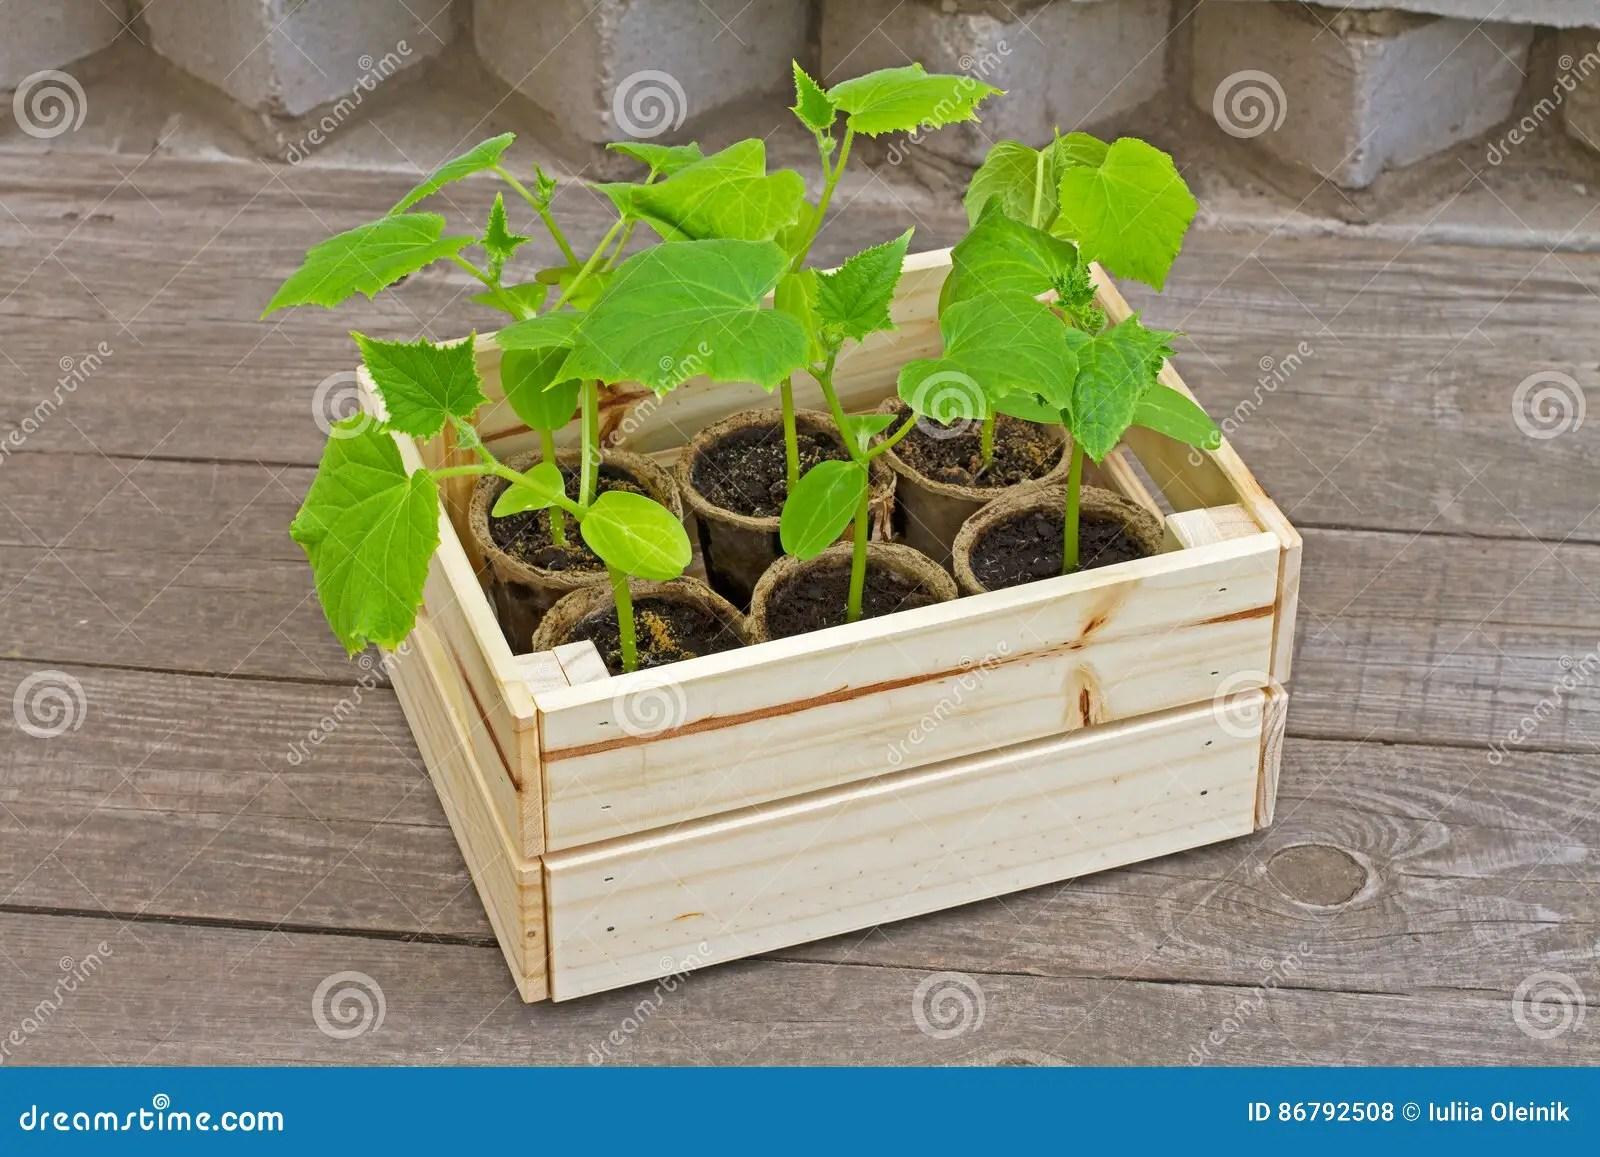 Kisten Deko Garten